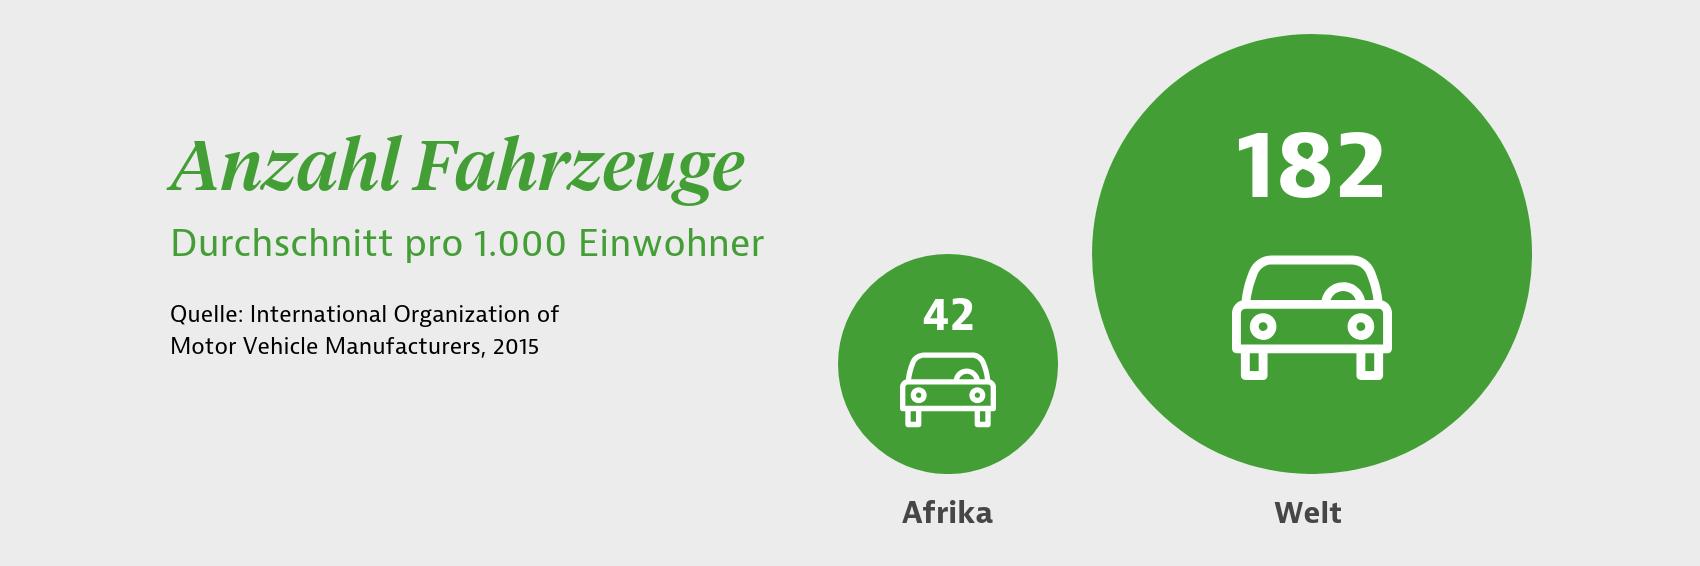 Durchschnittliche Anzahl von Fahrzeugen pro 1.000 Einwohner in Afrika und weltweit